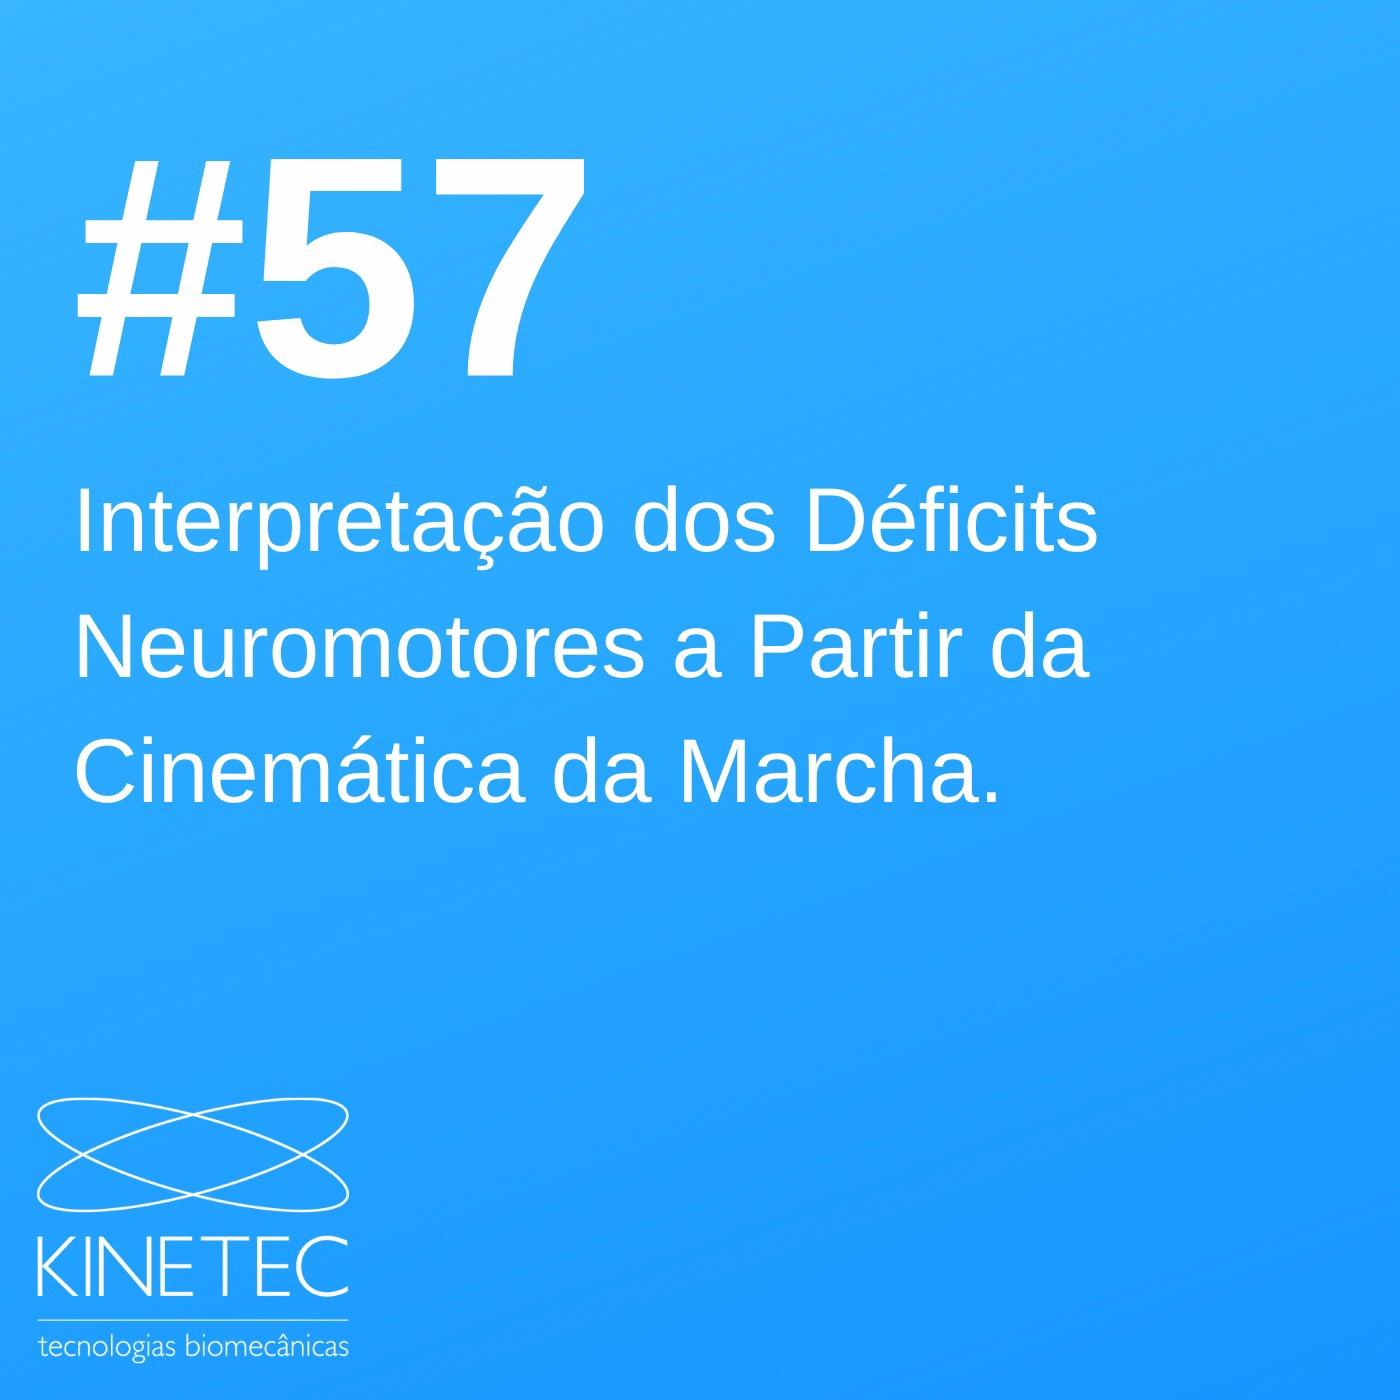 #57 Interpretação dos déficits neuromotores a partir da cinemática da marcha.